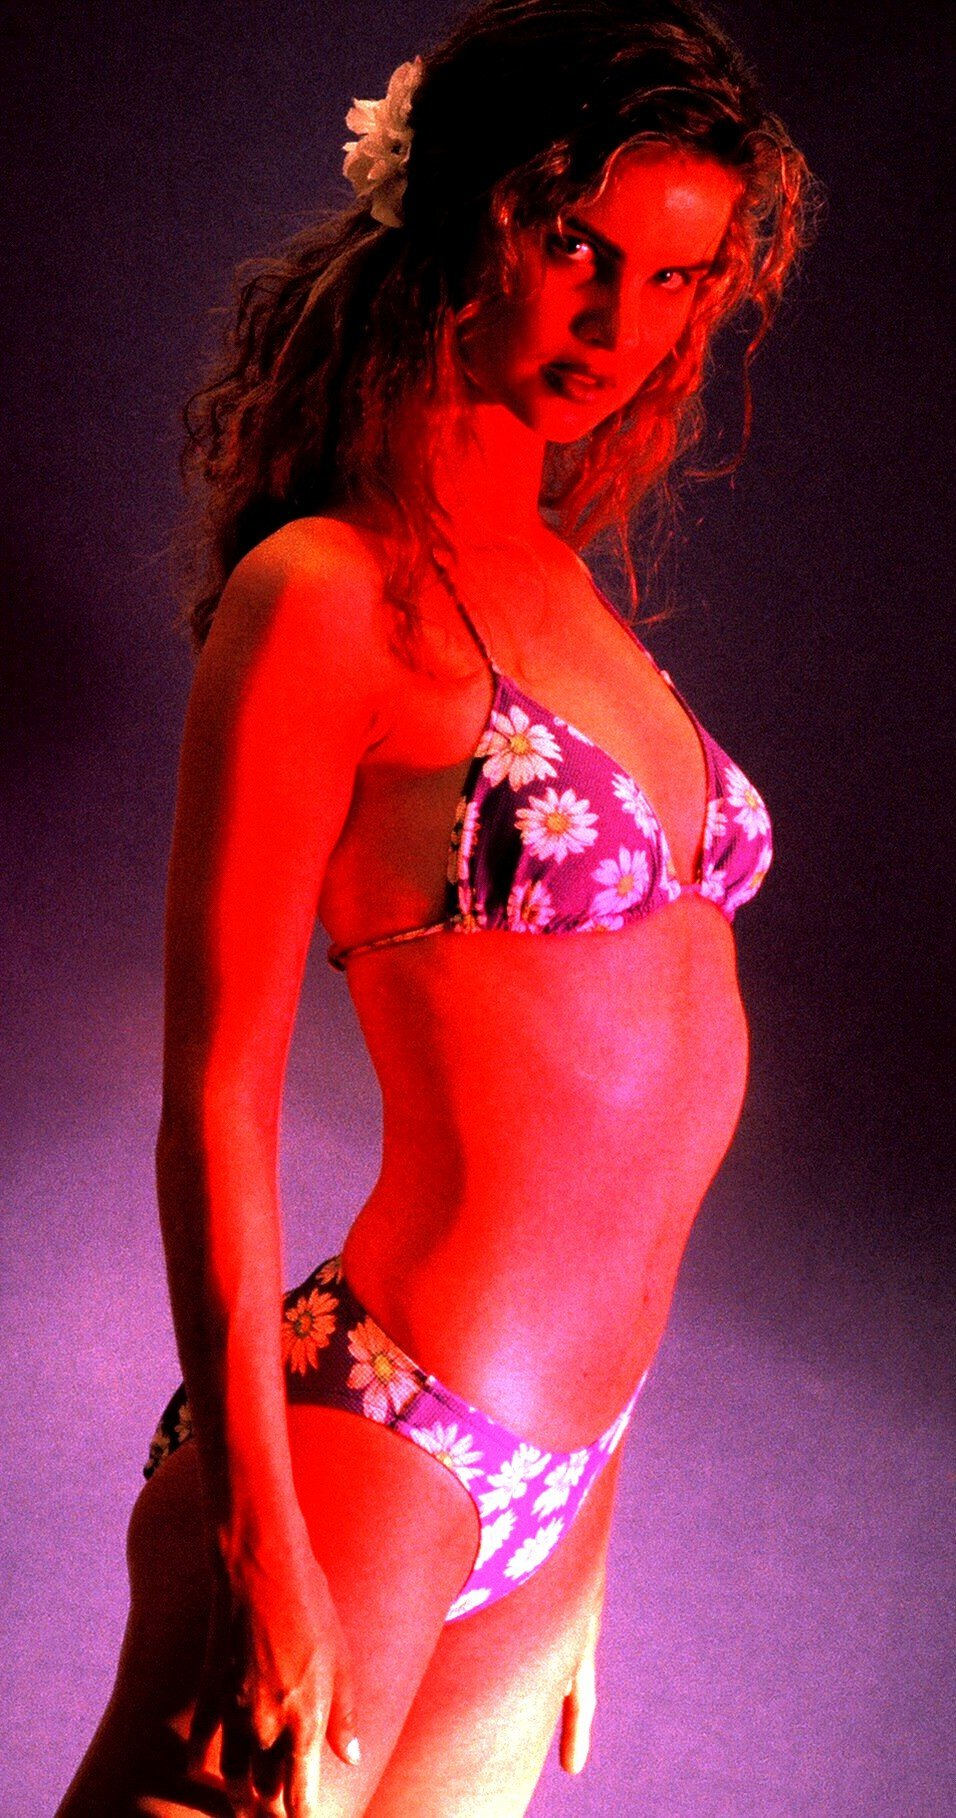 MAUREN HANCOCK- INTL' MODEL, featured in WILHELMINA'S GIRLS OF SUMMER look book.